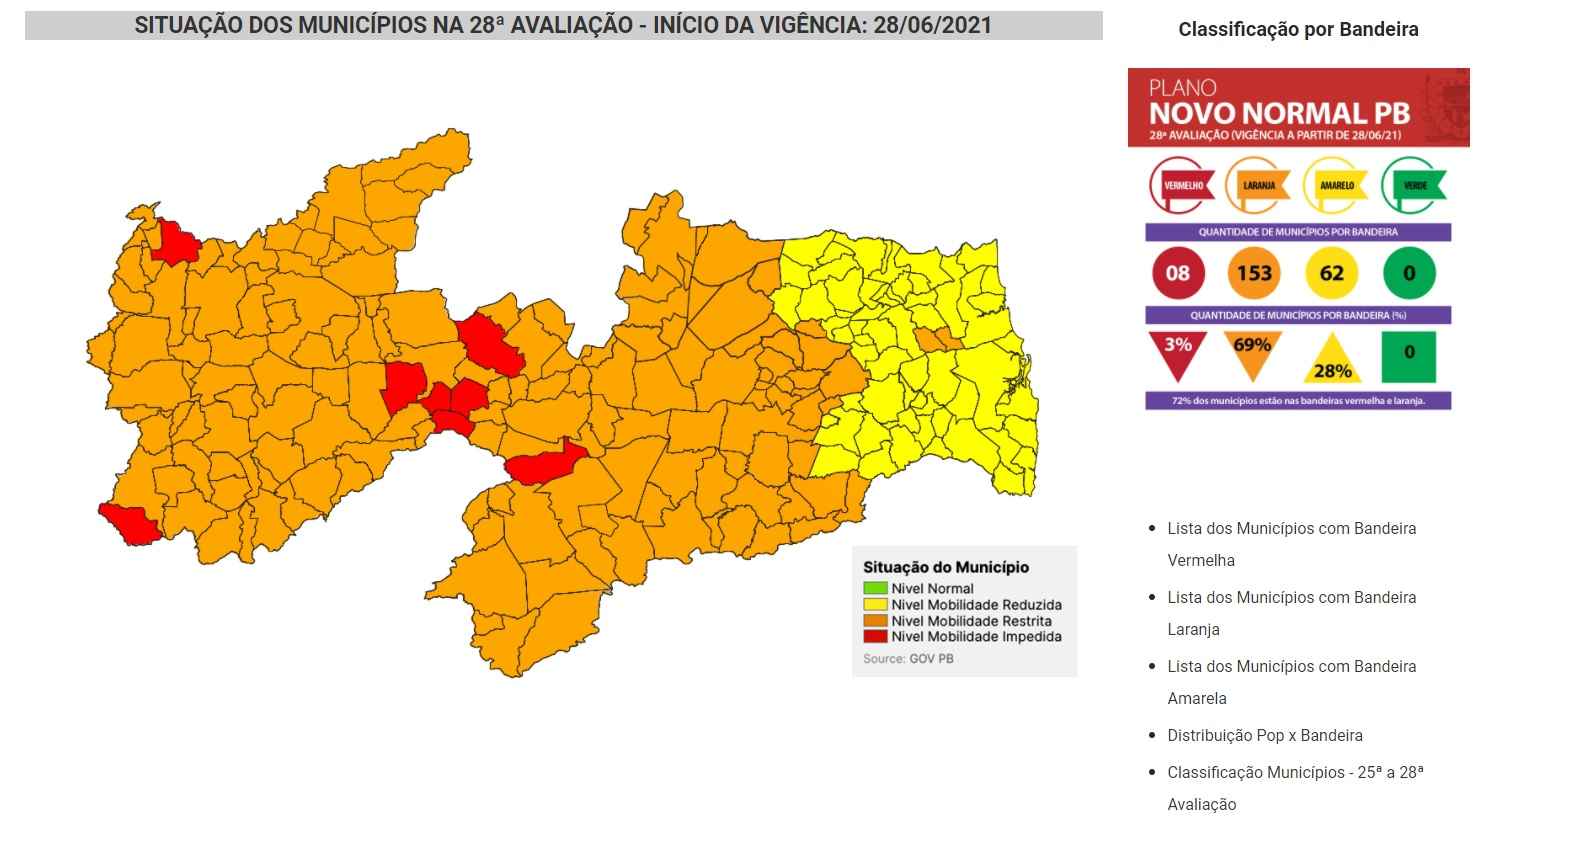 coronavirus 28 avaliacao novo normal pb - Mais de 60 municípios paraibanos evoluem na flexibilização para bandeira amarela na pandemia; Uiraúna continua com bandeira vermelha; VEJA.